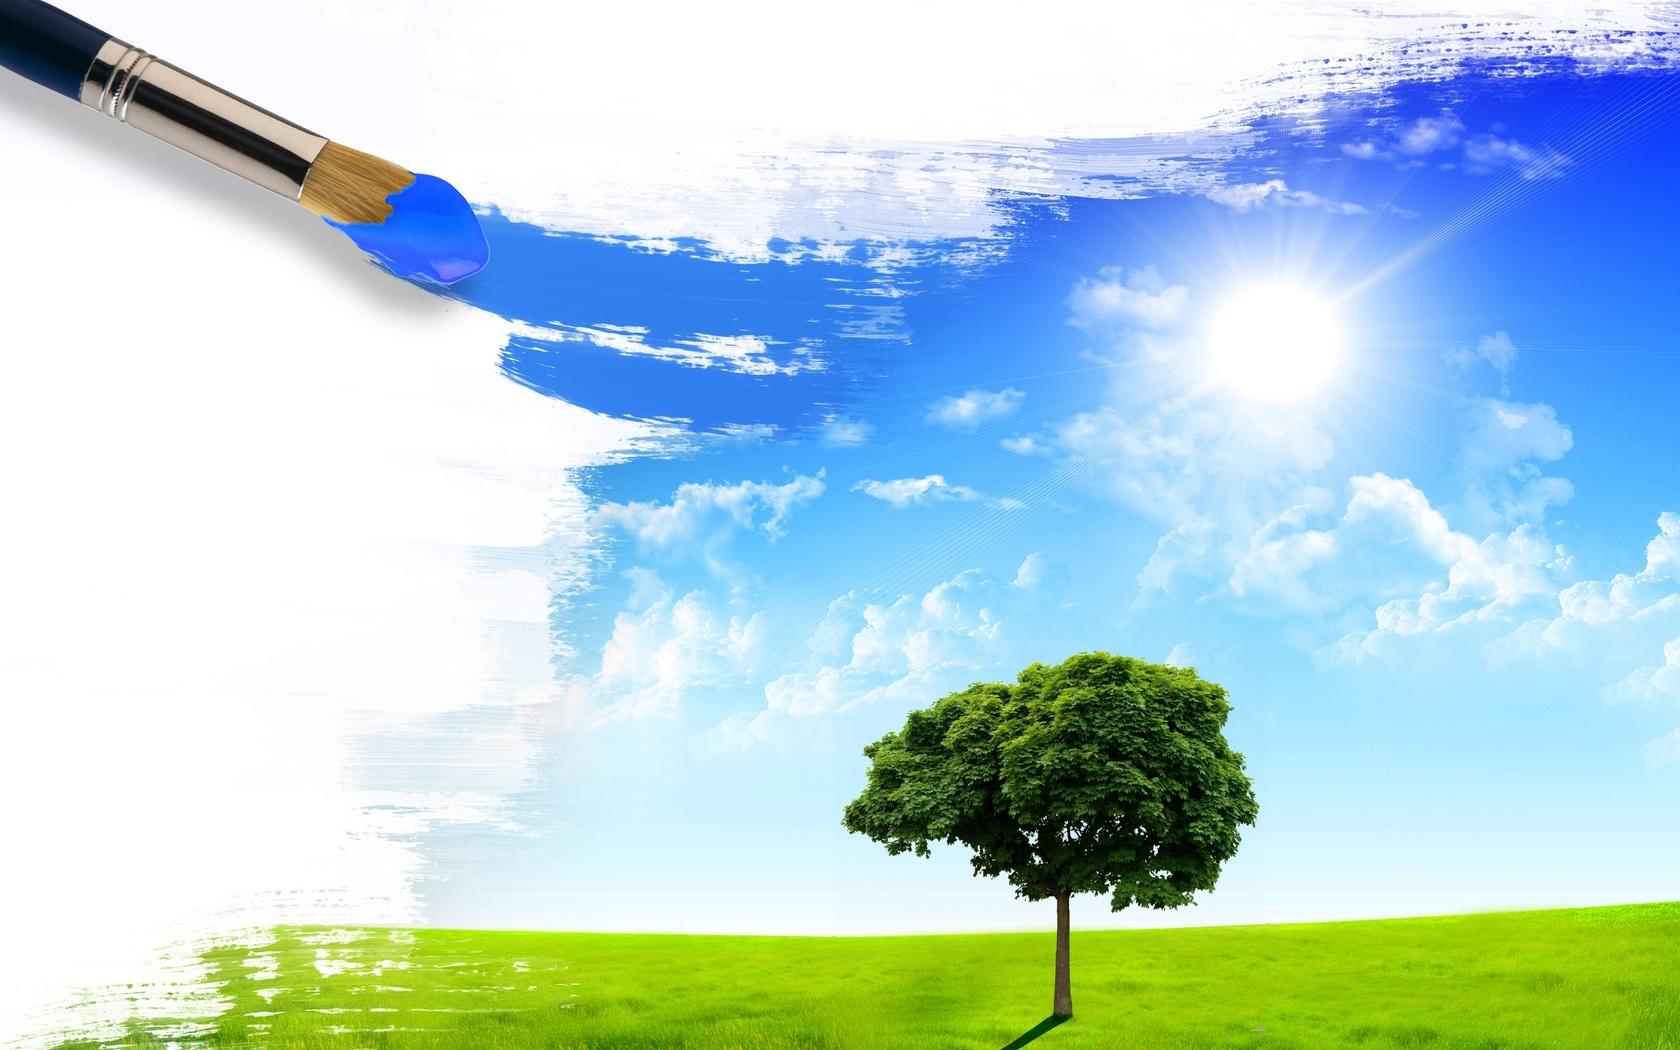 синхронизаторы поменять картинки красить небо переносят холода